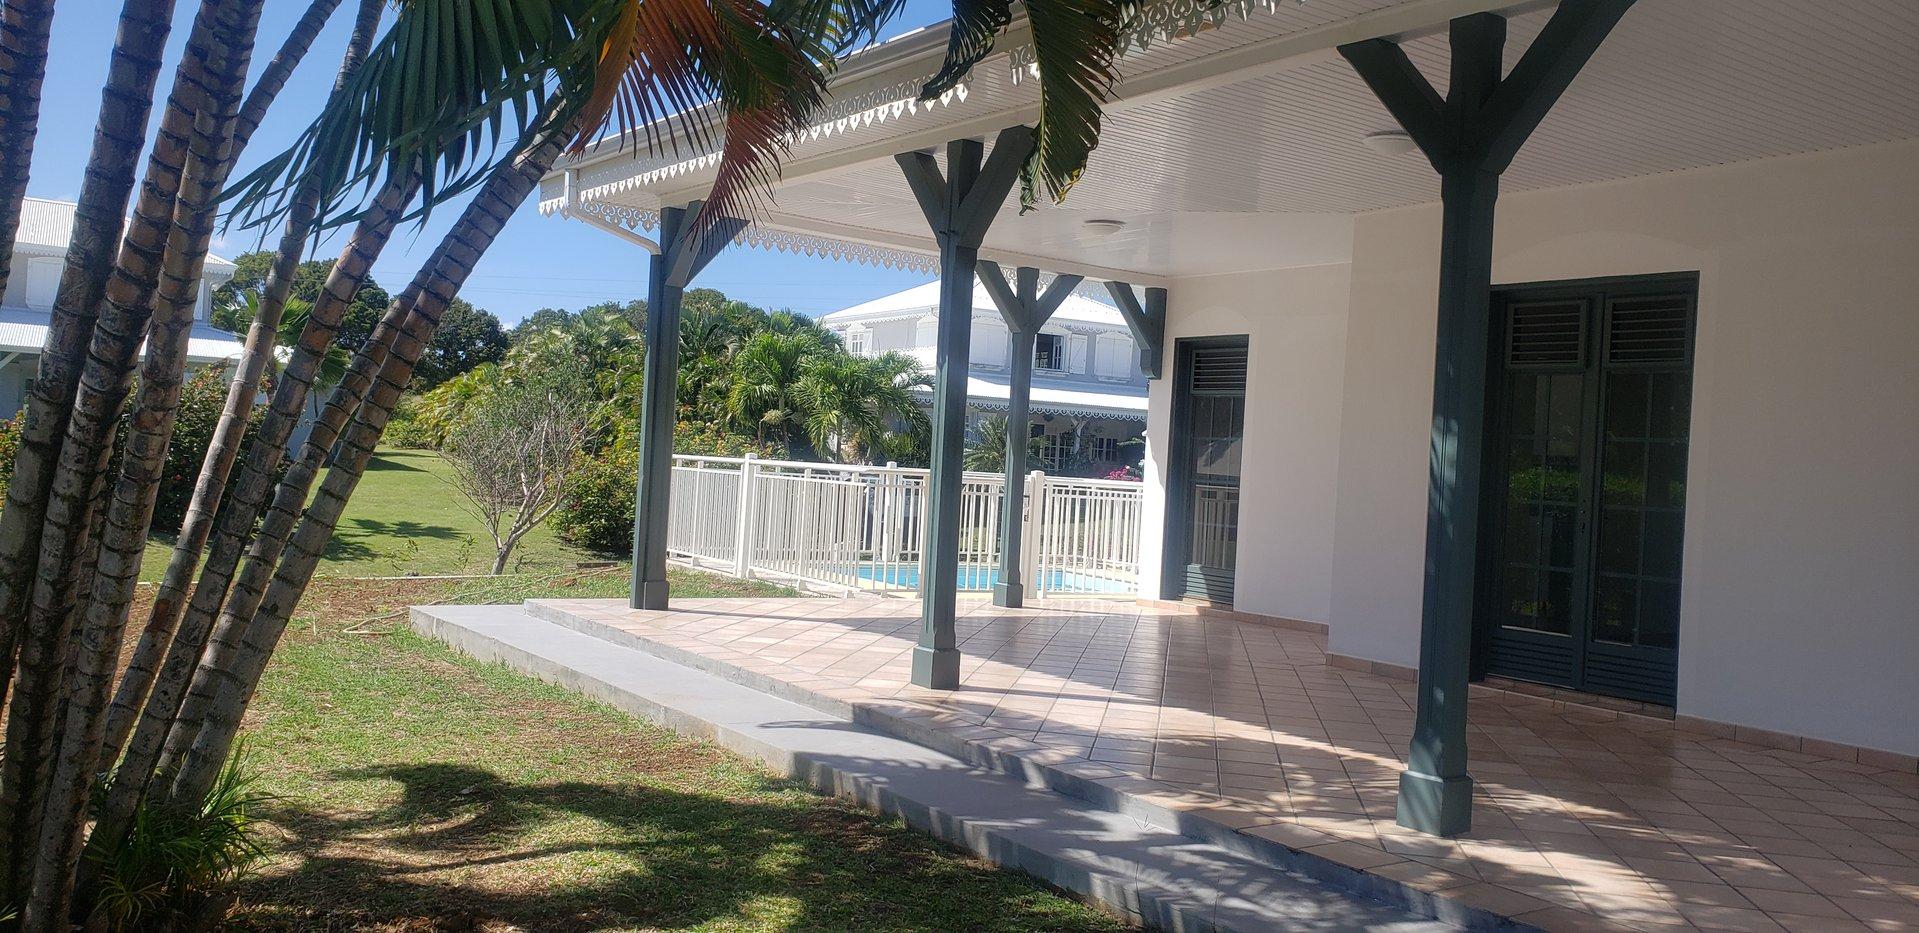 EXCLUSIVITE LE FRANCOIS CAP EST Très belle villa T4 avec piscine